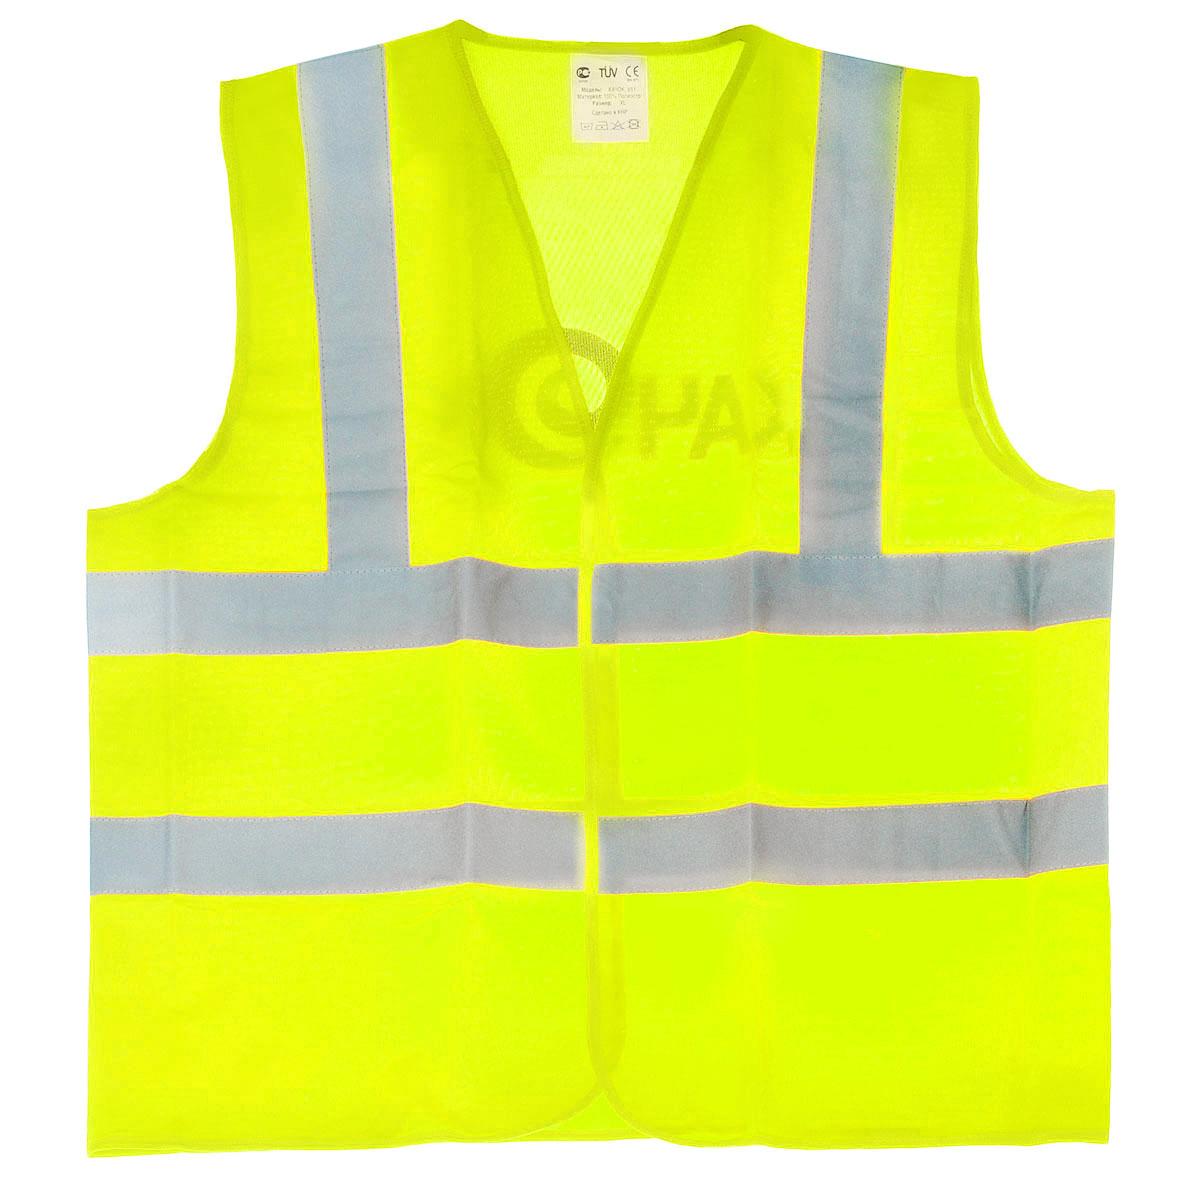 Жилет аварийный сигнальныйКачок V11, цвет: желтый. Размер XLV11-YСигнальный жилет Качок V11 выполнен из полиэстера с 2-мя горизонтальными и 2-мя вертикальными светоотражающими полосами. Жилет рекомендован для личного и профессионального использования в дорожных условиях в любую погоду, в любое время суток. Высокая видимость достигается за счет фонового материала повышенной износостойкости и светоотражающих полос шириной 5 см.